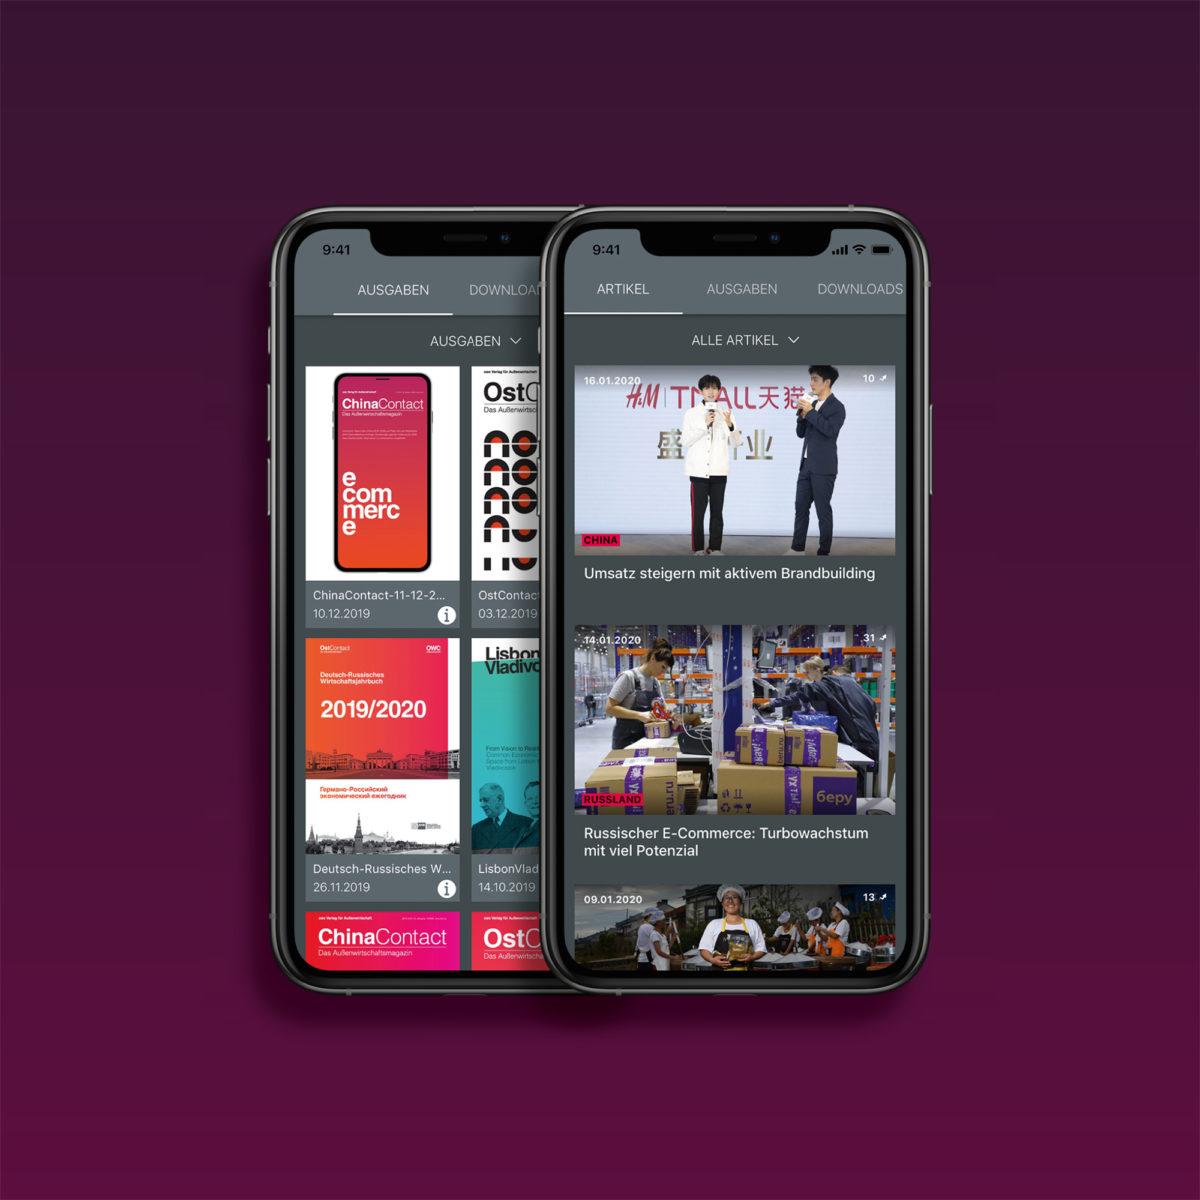 https://owc.de/wp-content/uploads/2020/04/shop-app-web2020_2-1200x1200.jpg